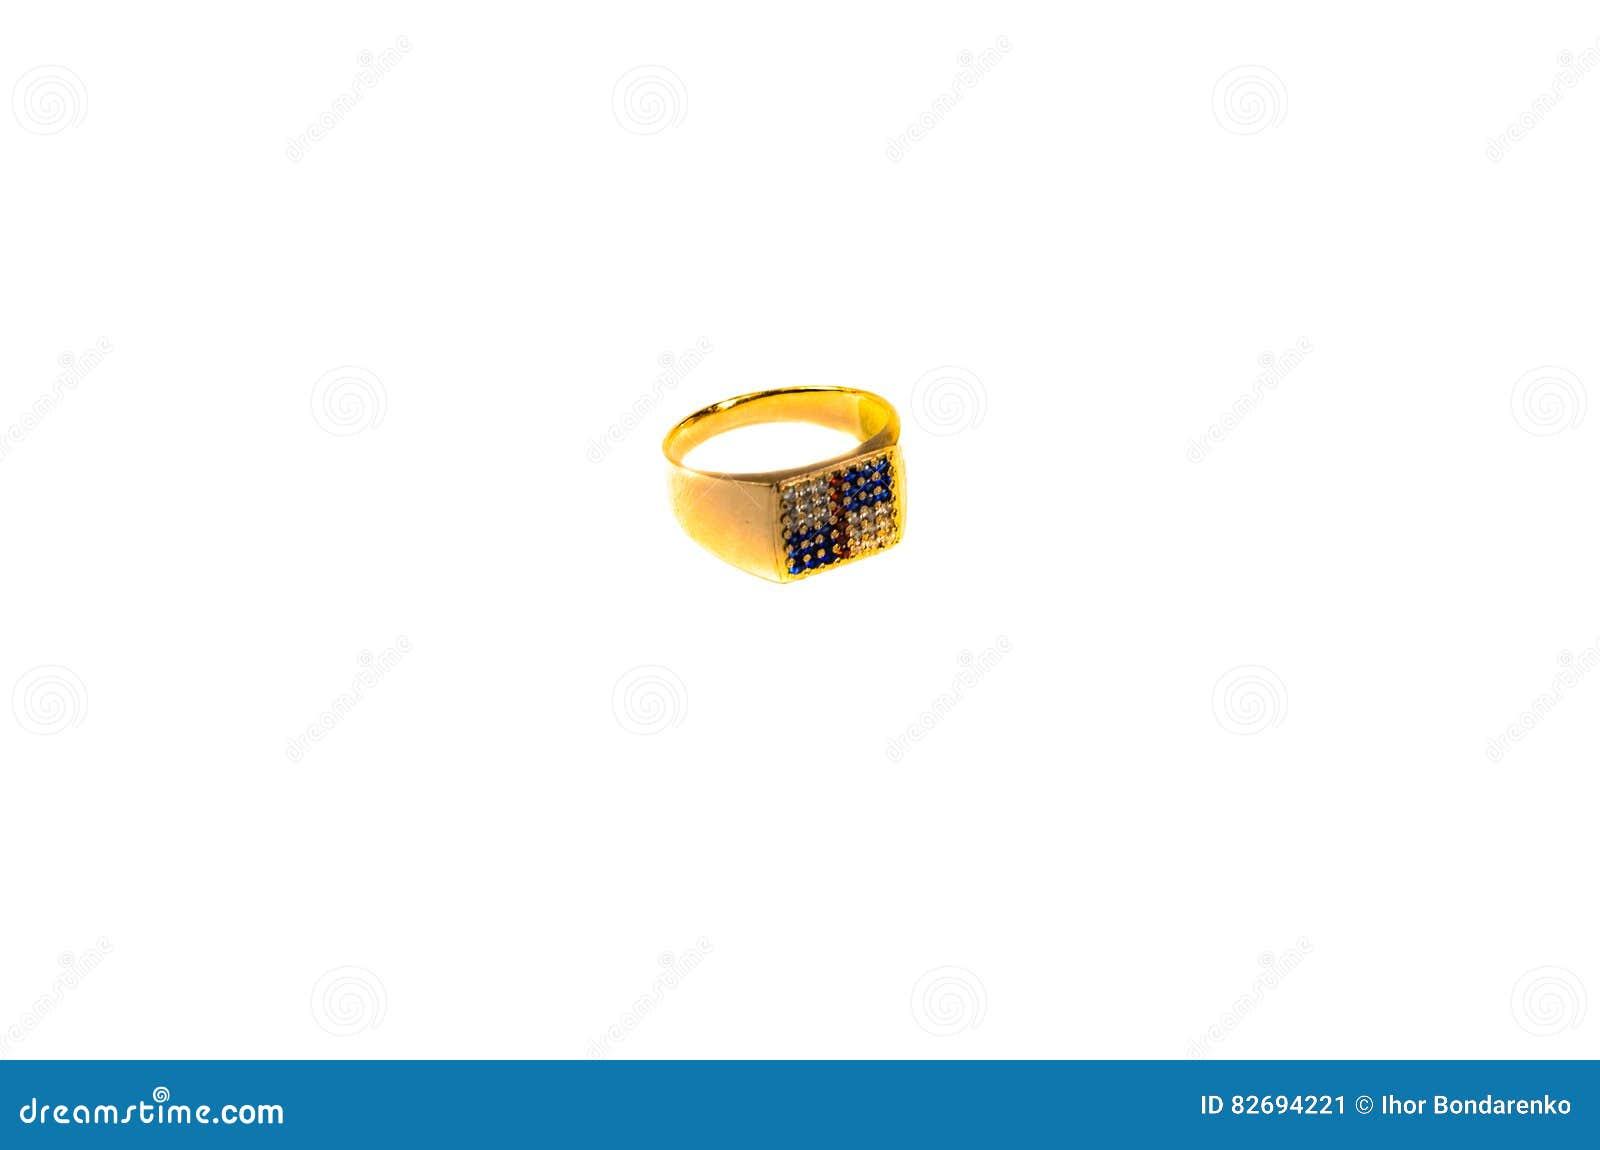 Złoty signet pierścionek z klejnotami